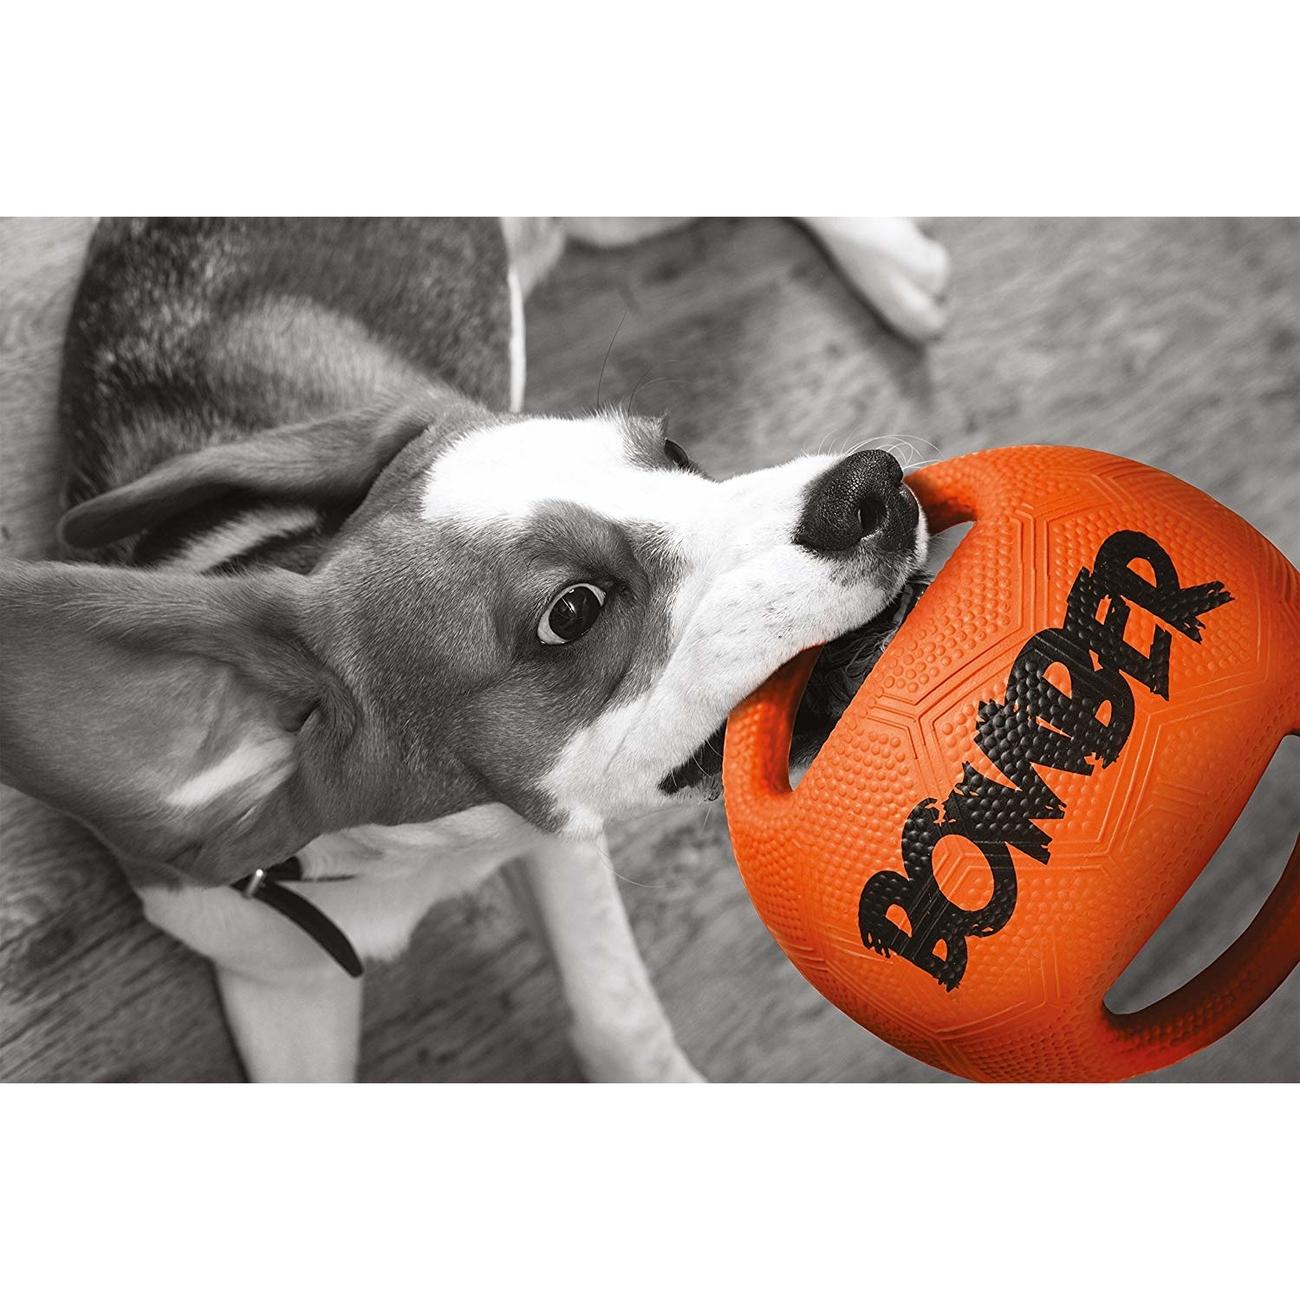 Bomber Hundespielzeug, Bild 5